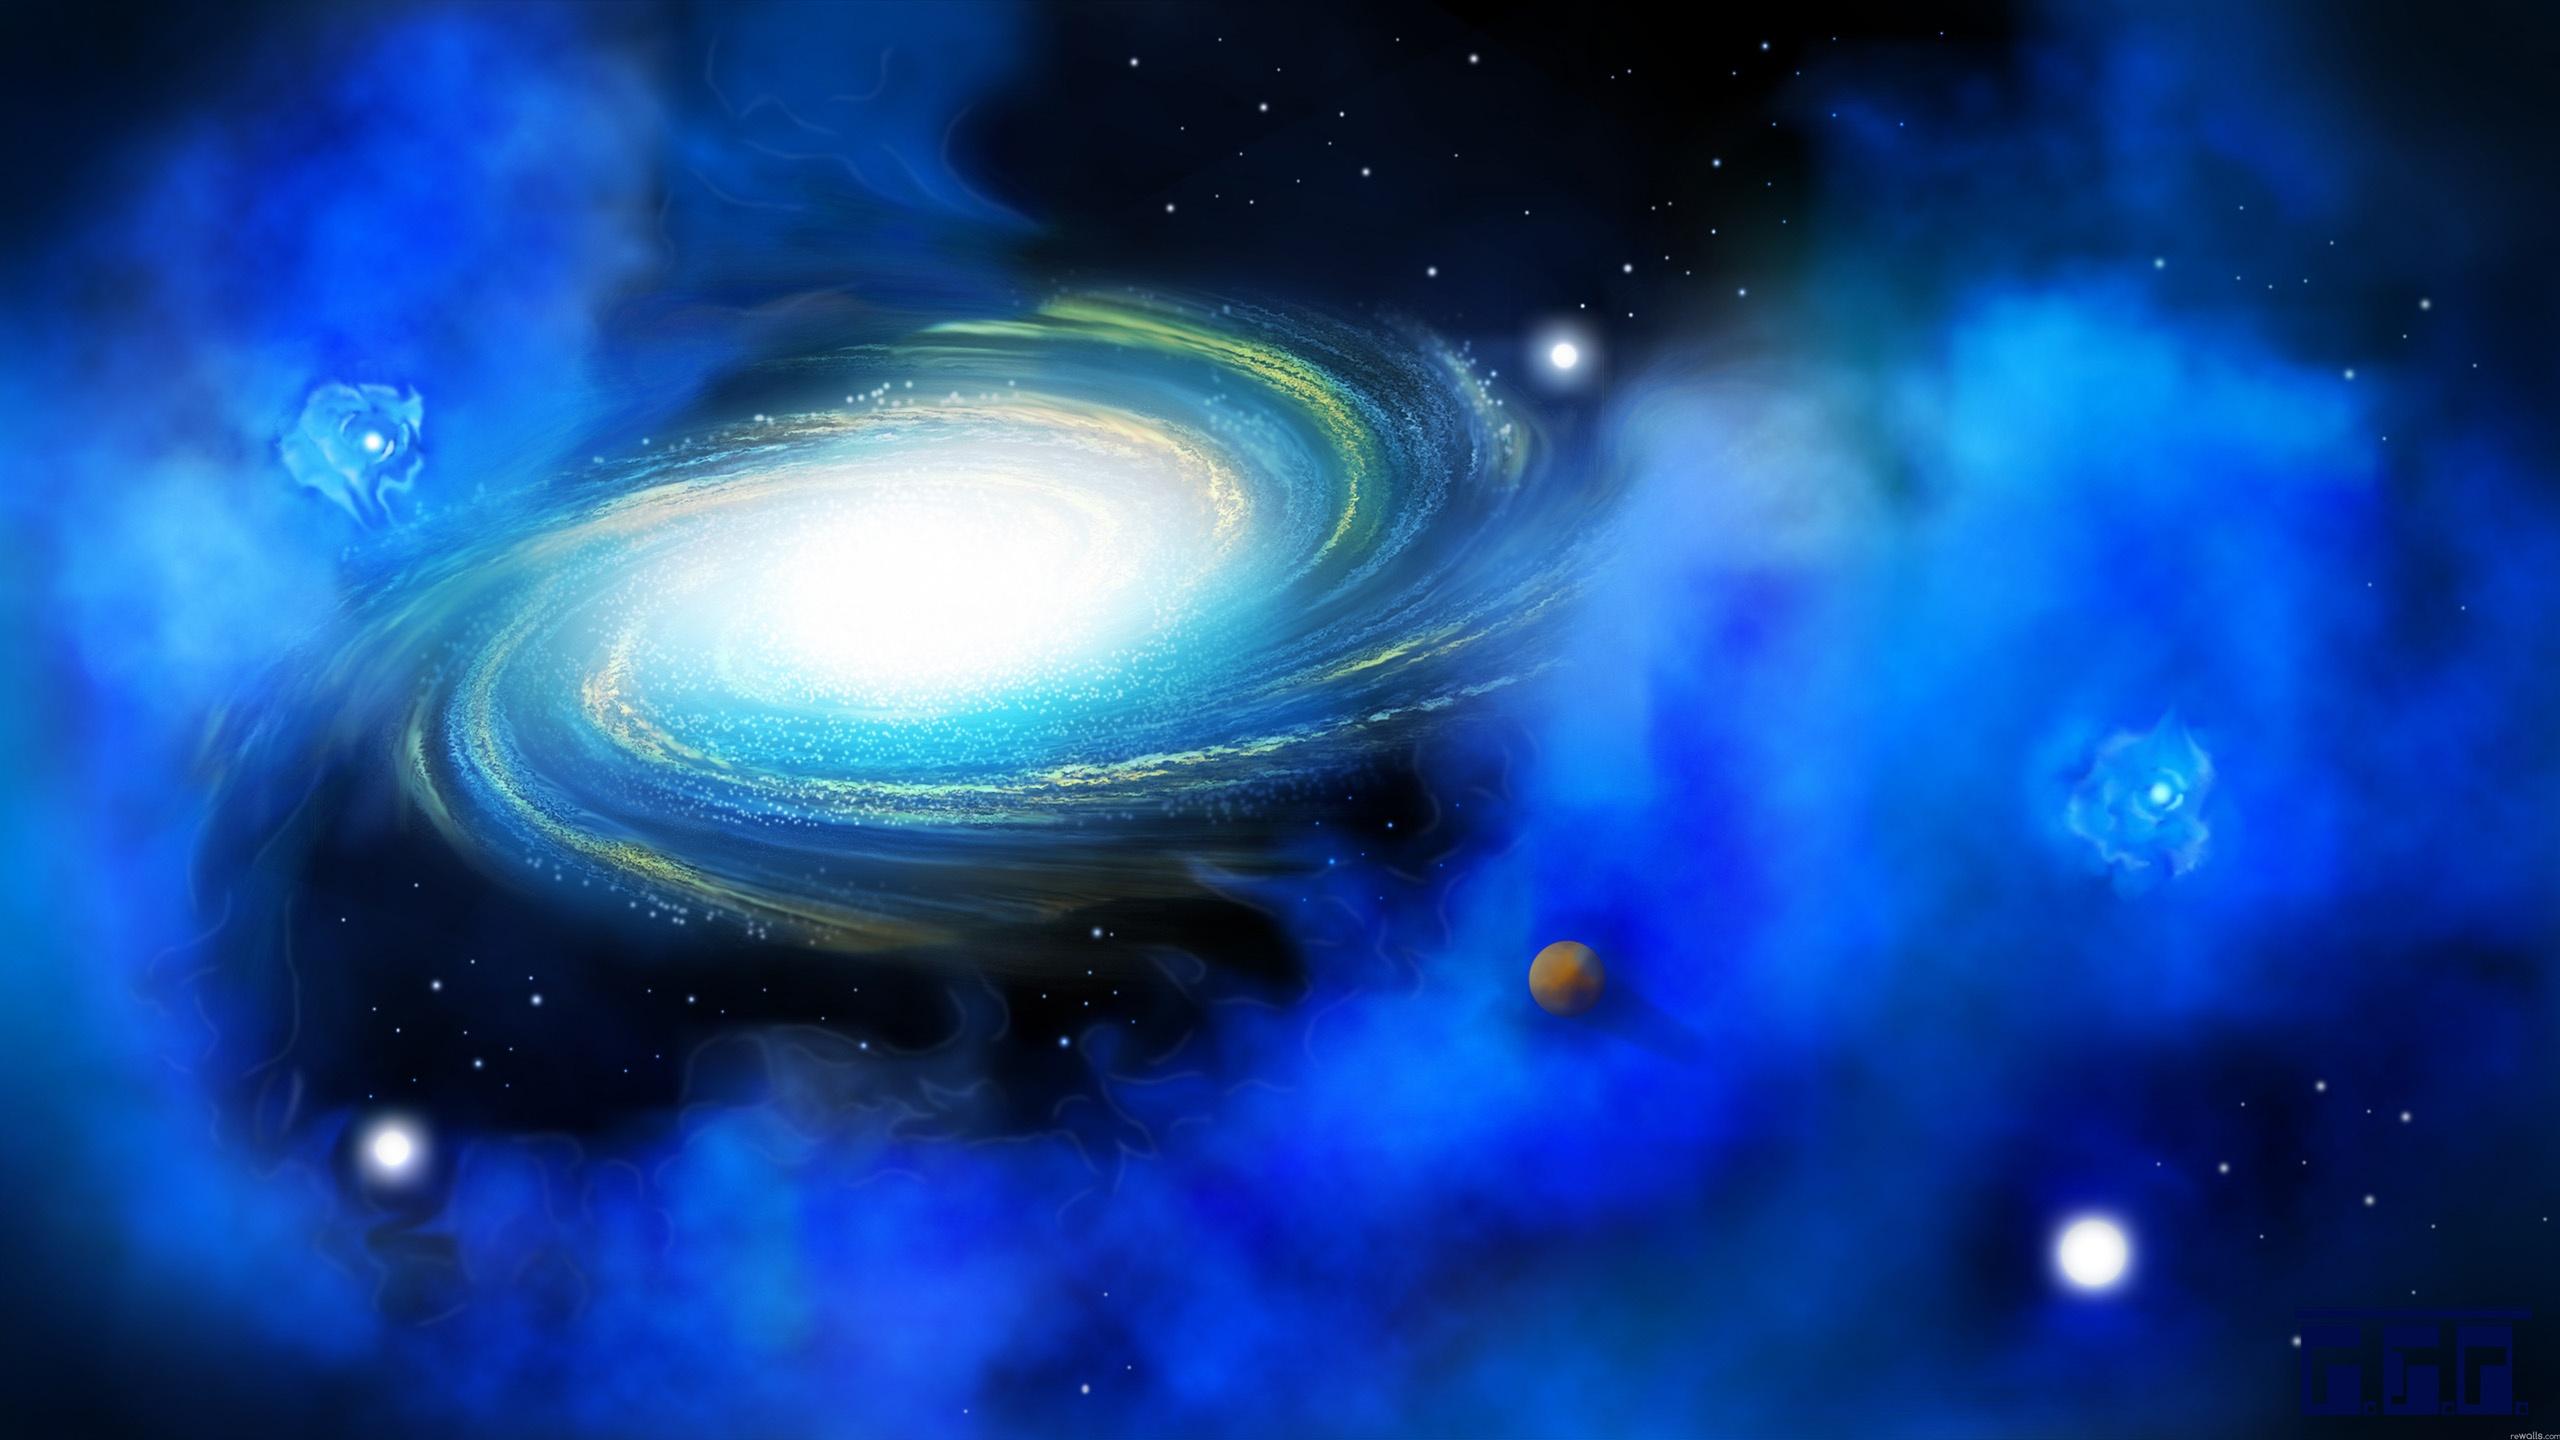 nebula 2560x1440 - photo #21